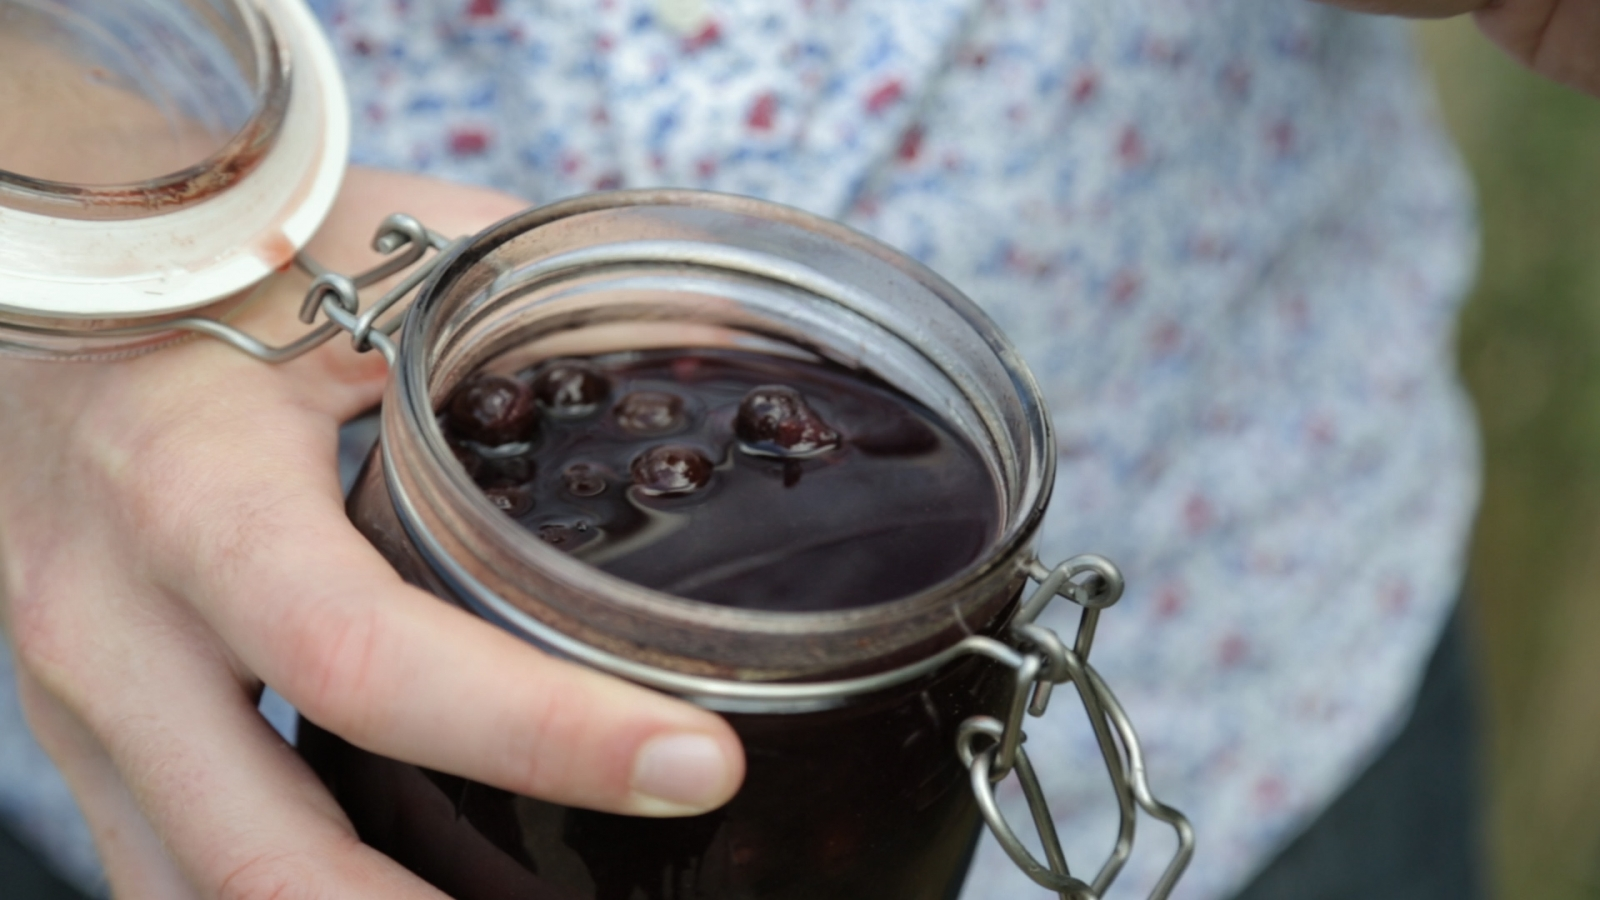 Sloe berries in gin